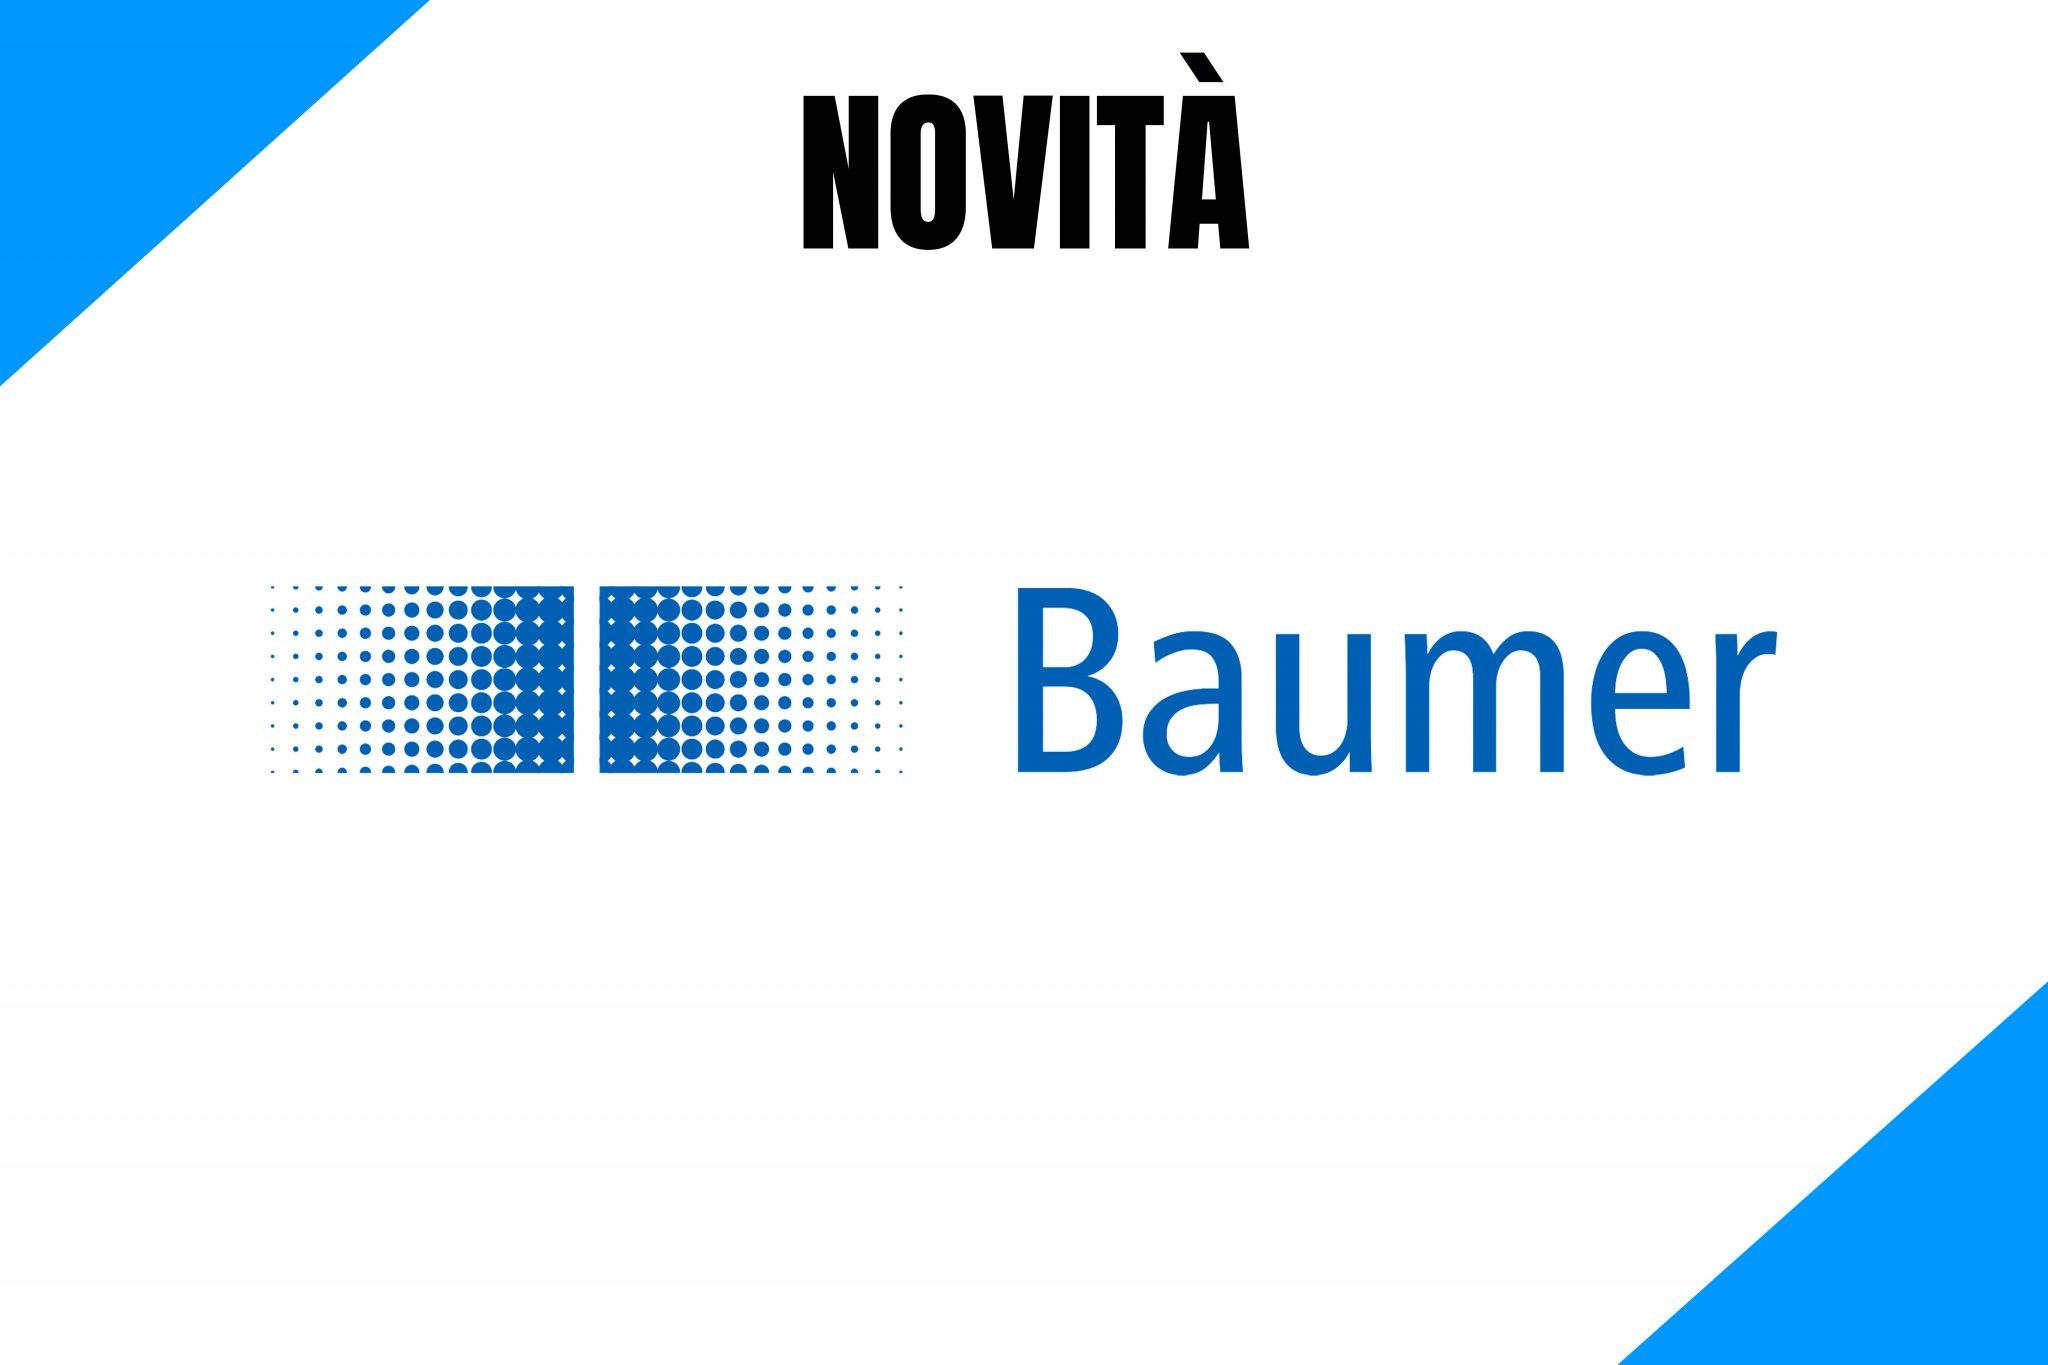 Baumer presenta nuovi sensori di visione e telecamere di controllo industriale